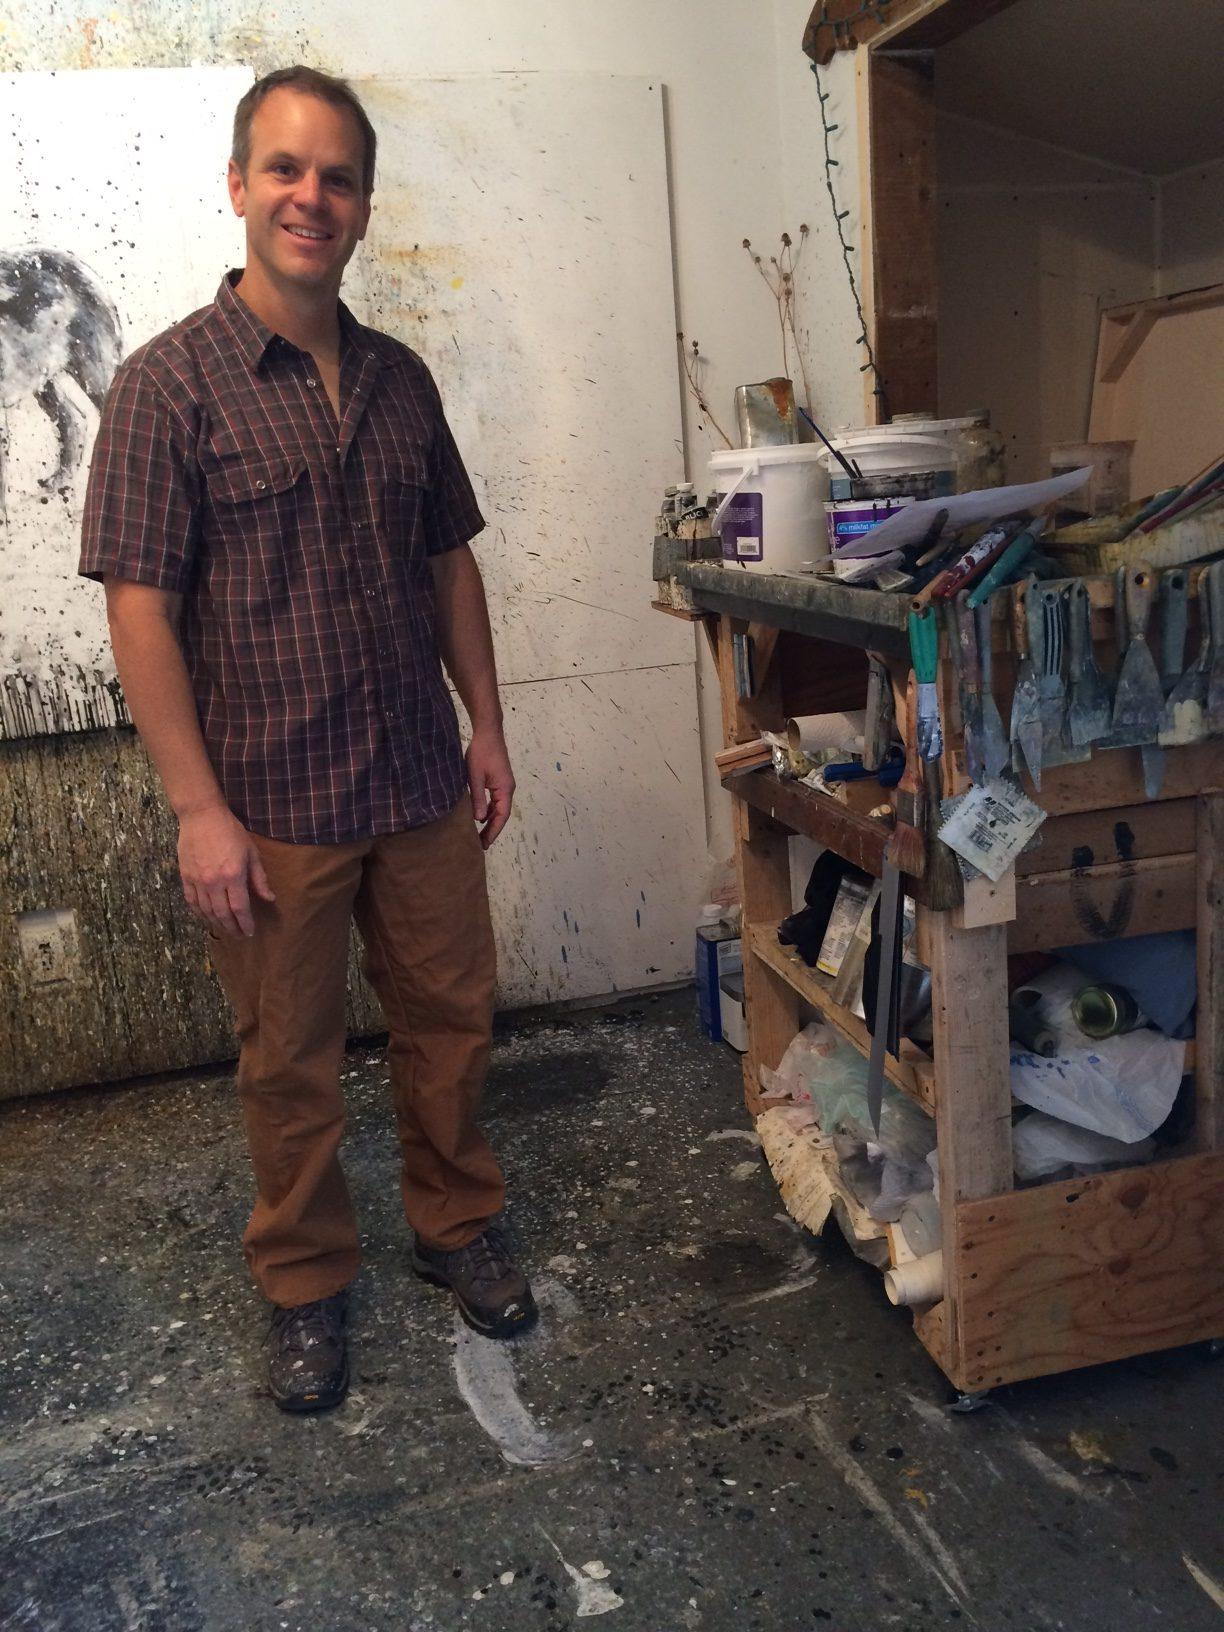 Matt Flint, studio visit